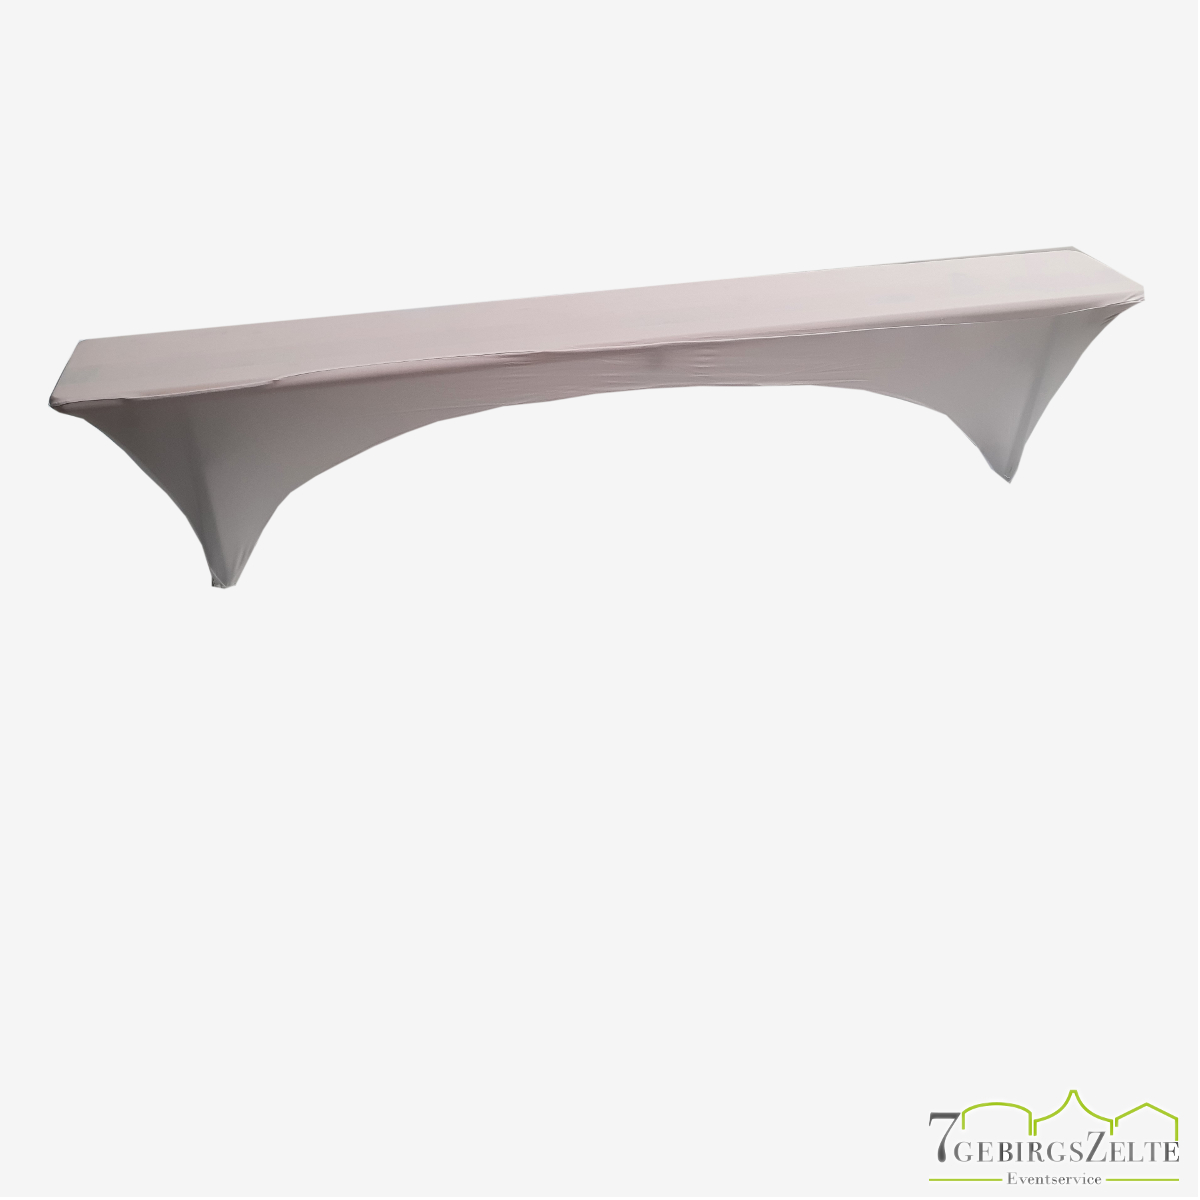 Bierzeltbank Stretchhusse 25 cm, weiß